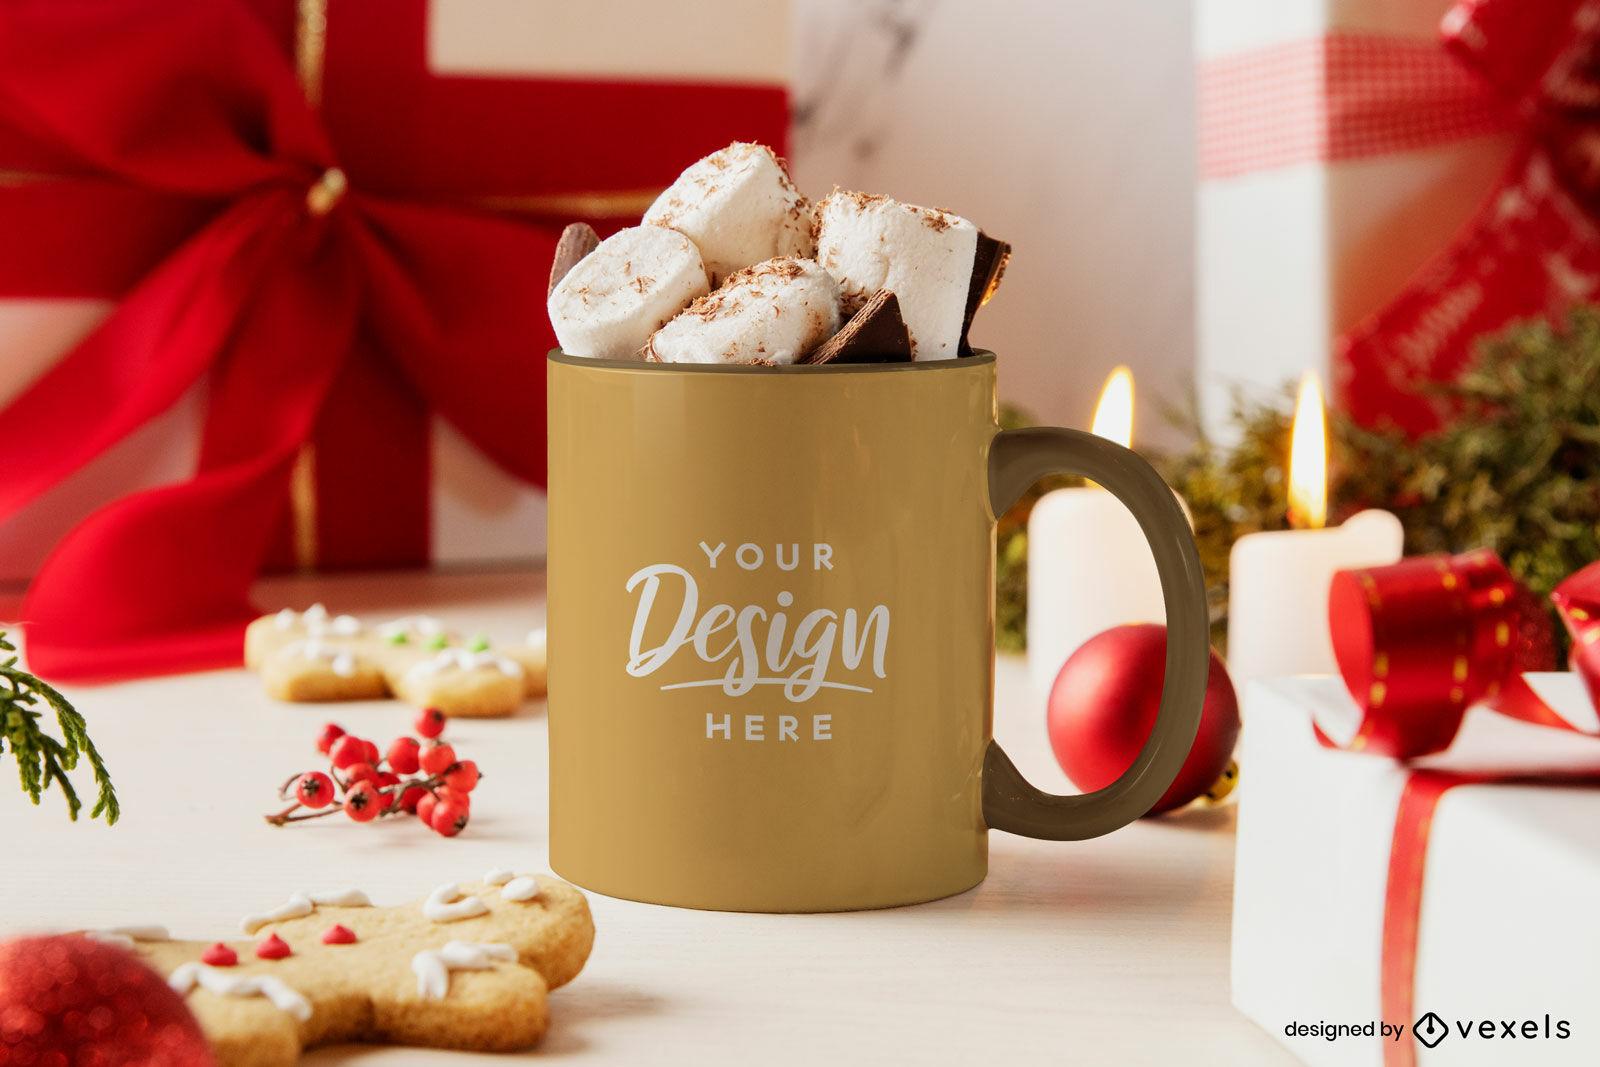 Becher-Weihnachtsmodell mit Marshmallows